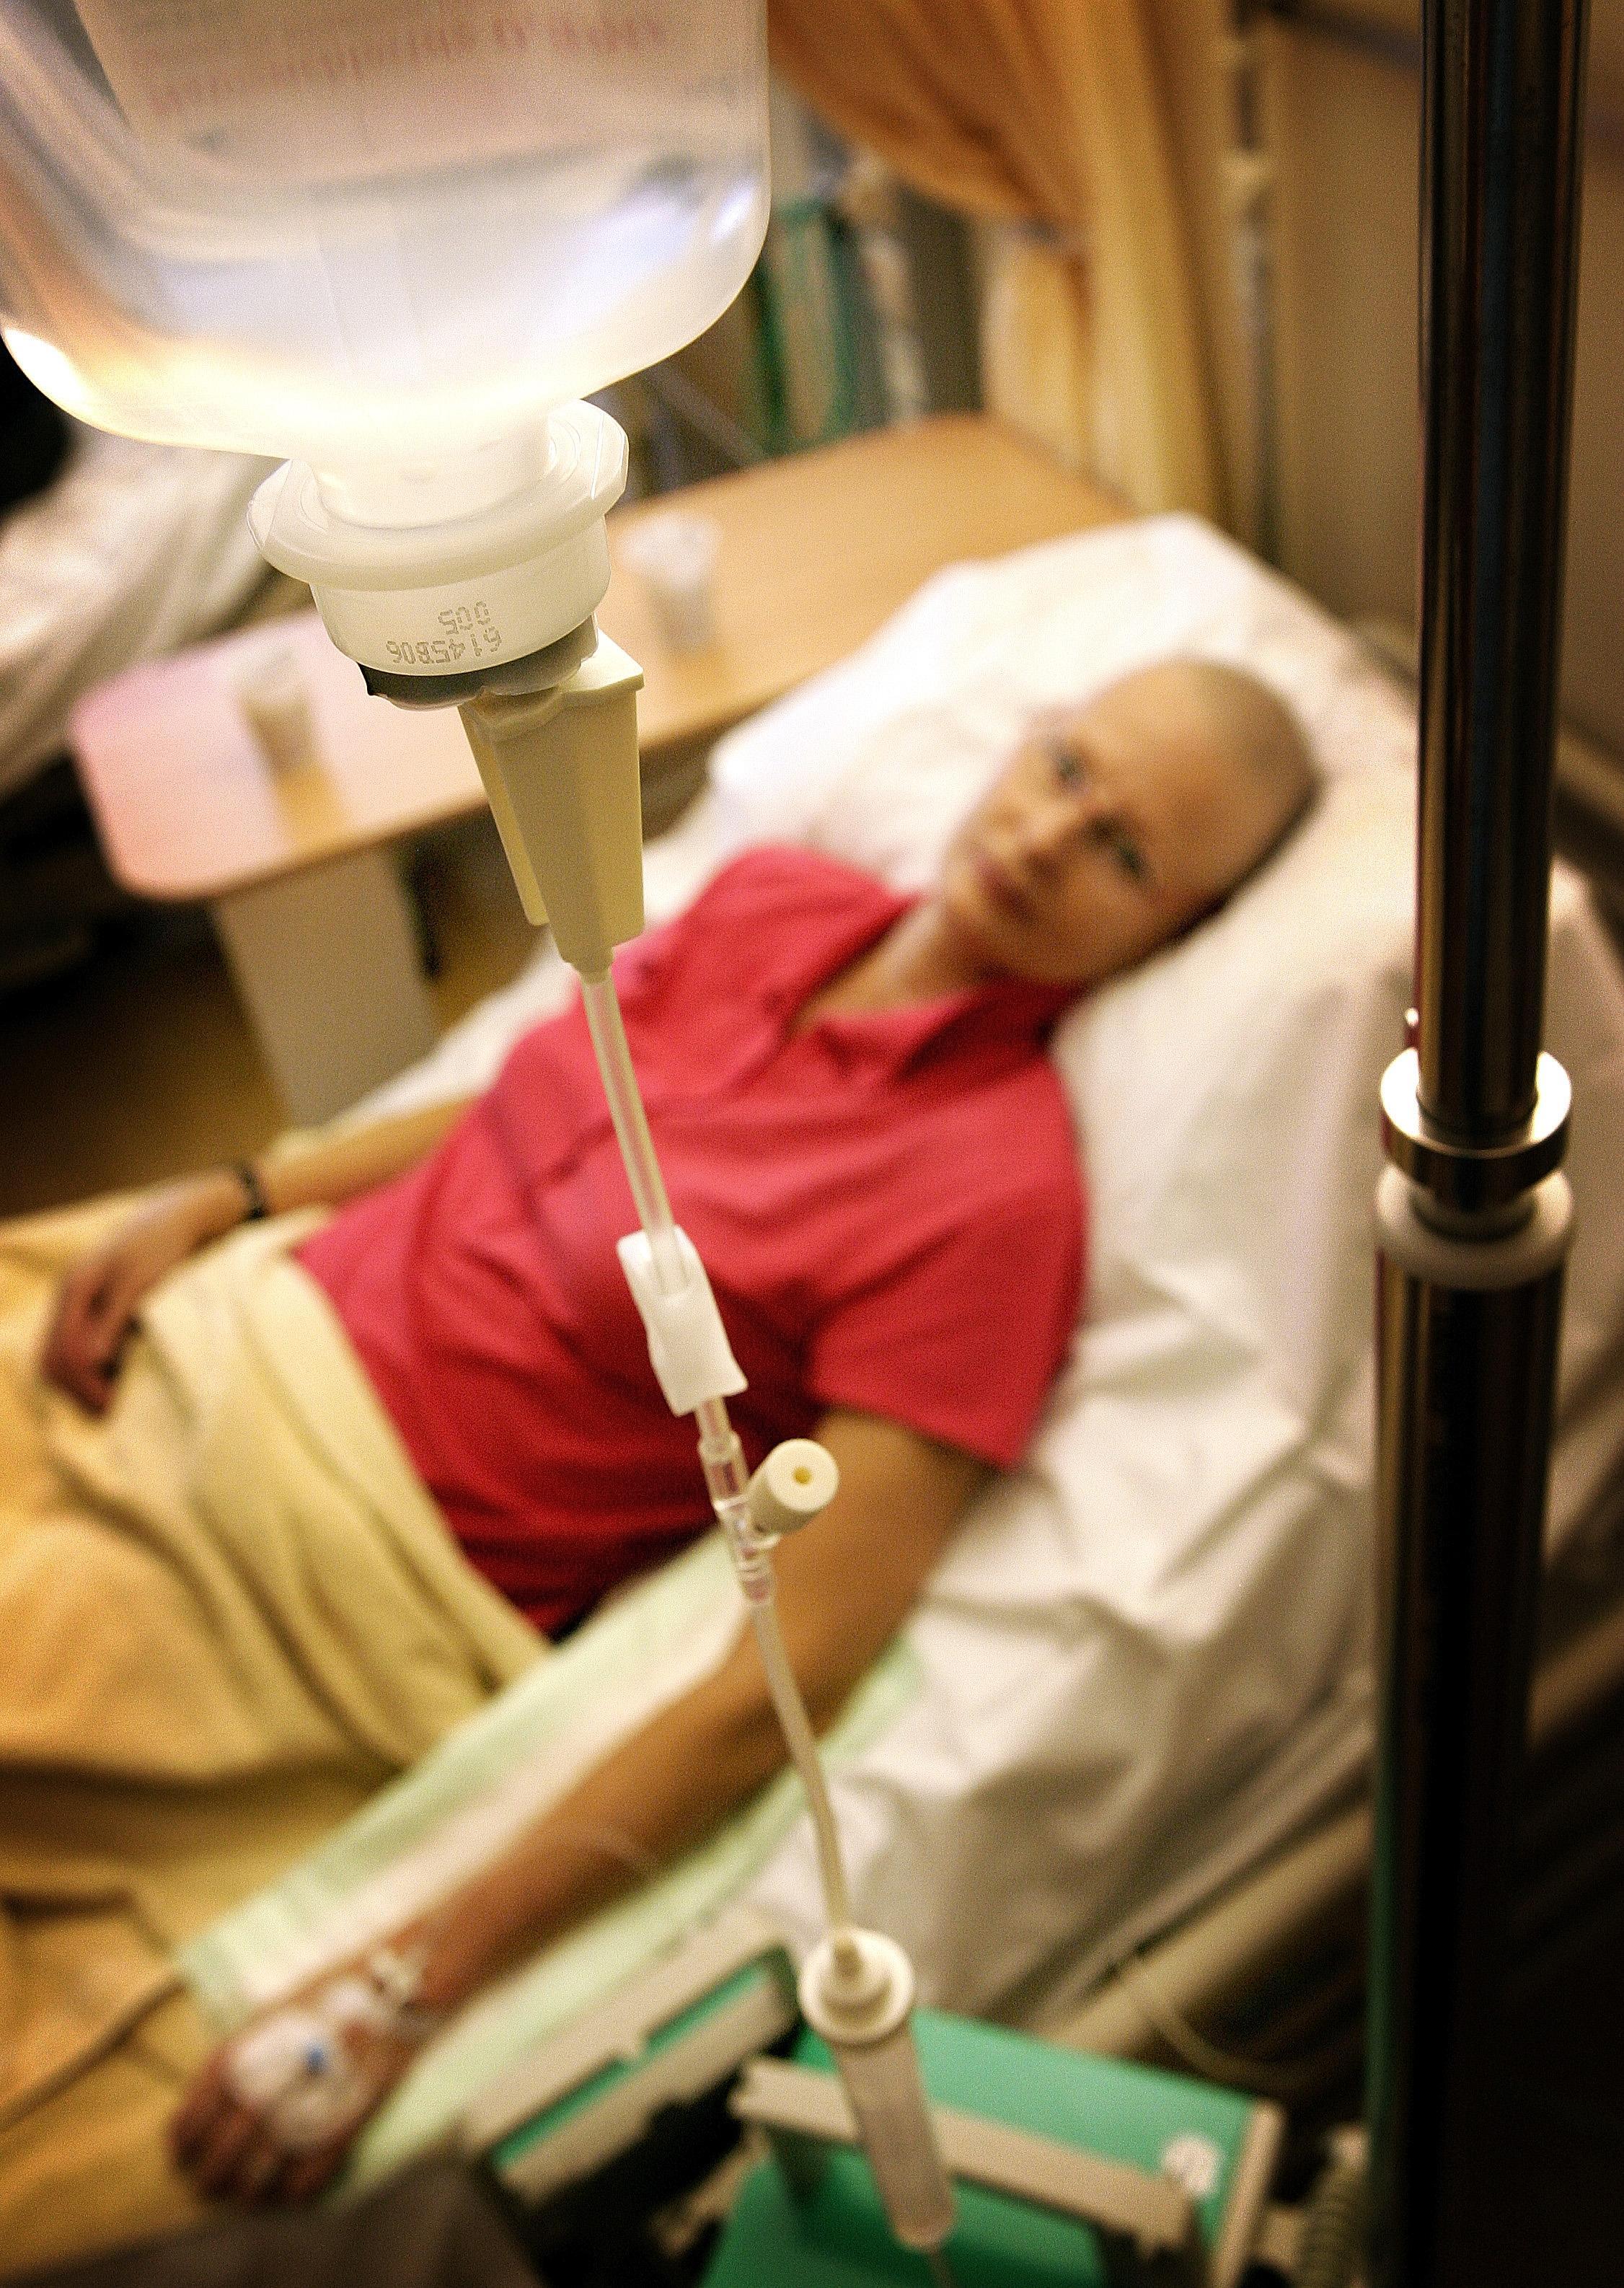 Uitgezaaide kanker vaak einde verhaal. 'Hopen op een wonderpil die genezing brengt'